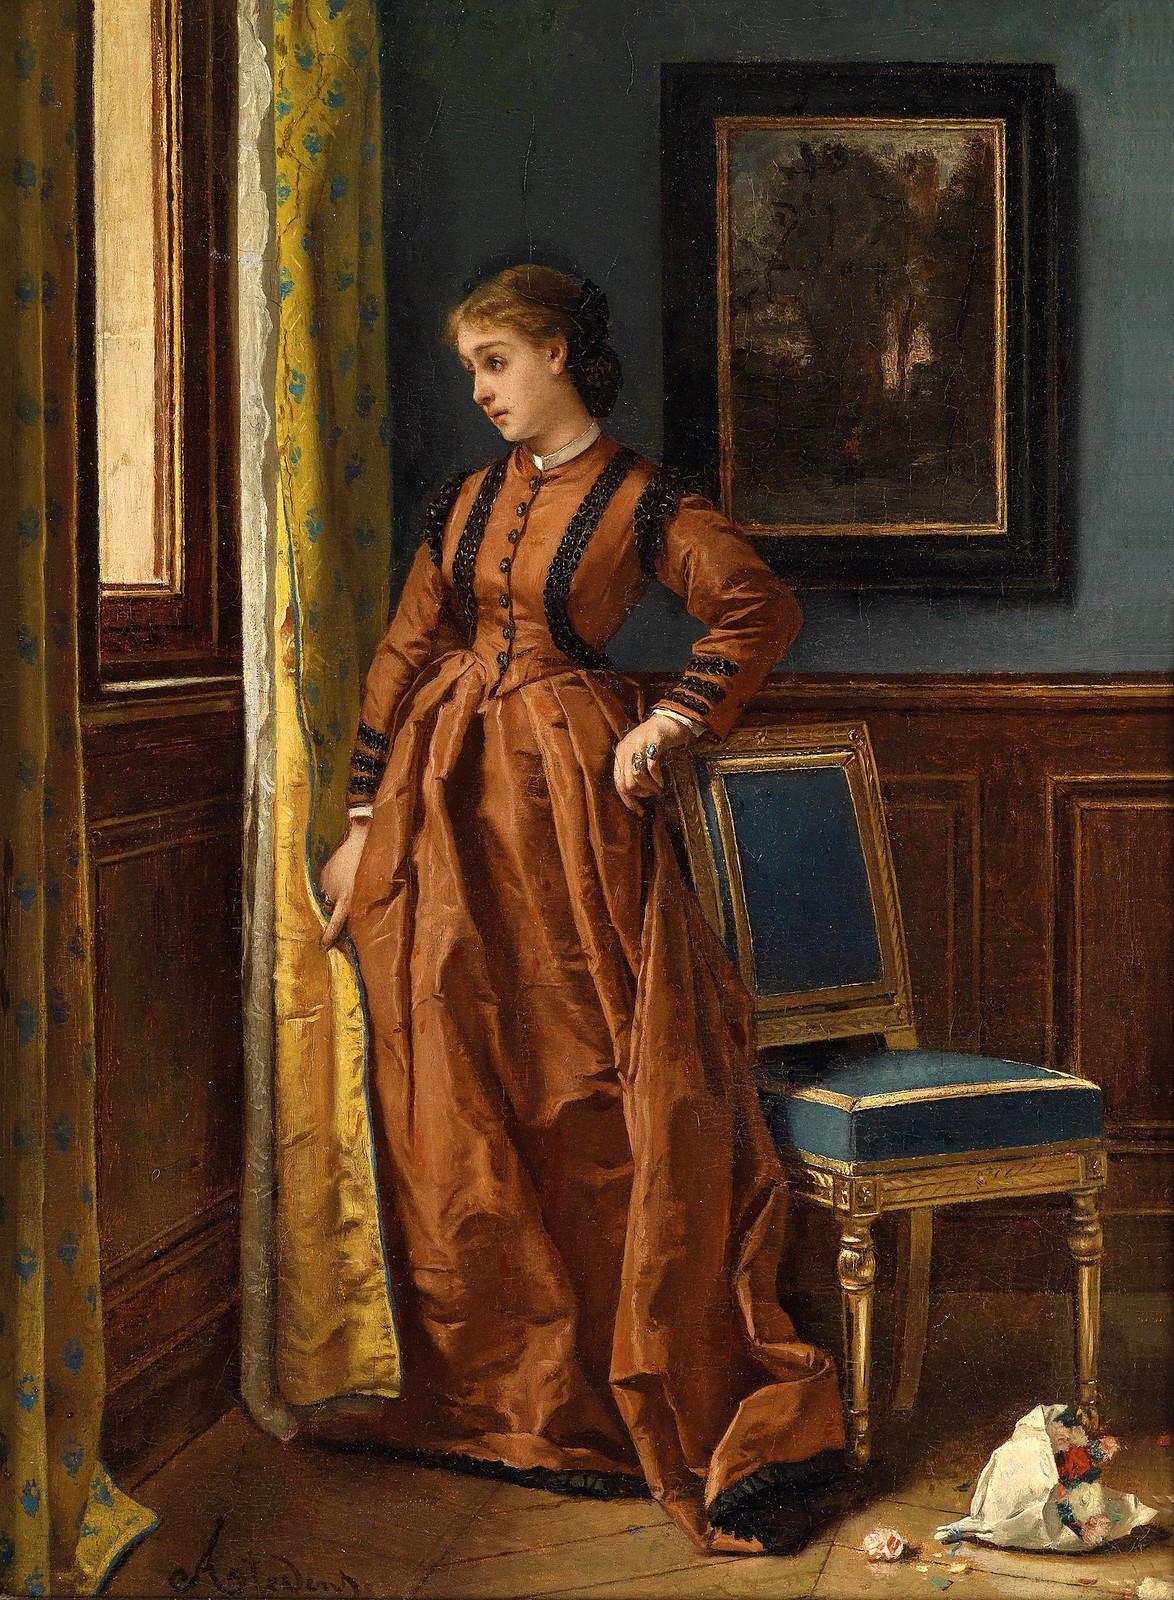 Déjà by Alfred Stevens, 1863